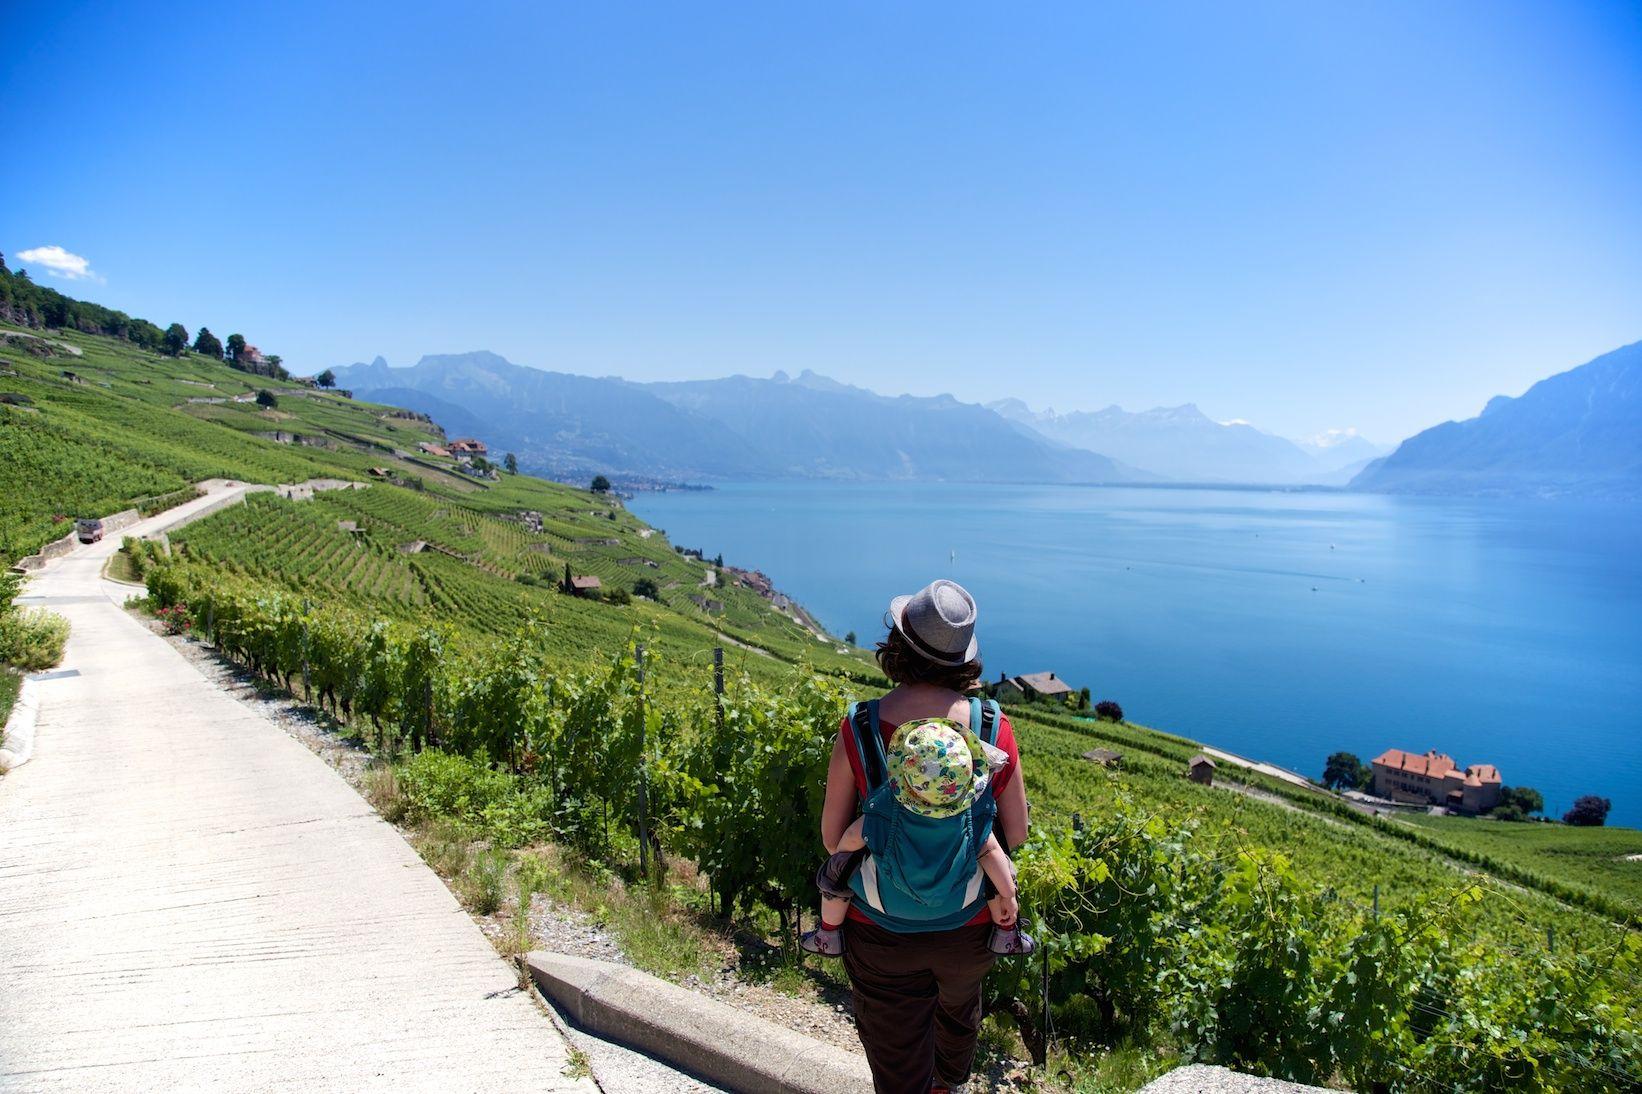 Randonnee Dans Le Lavaux Autour Du Lac Leman En Suisse Lac Leman Lac Voyage Suisse